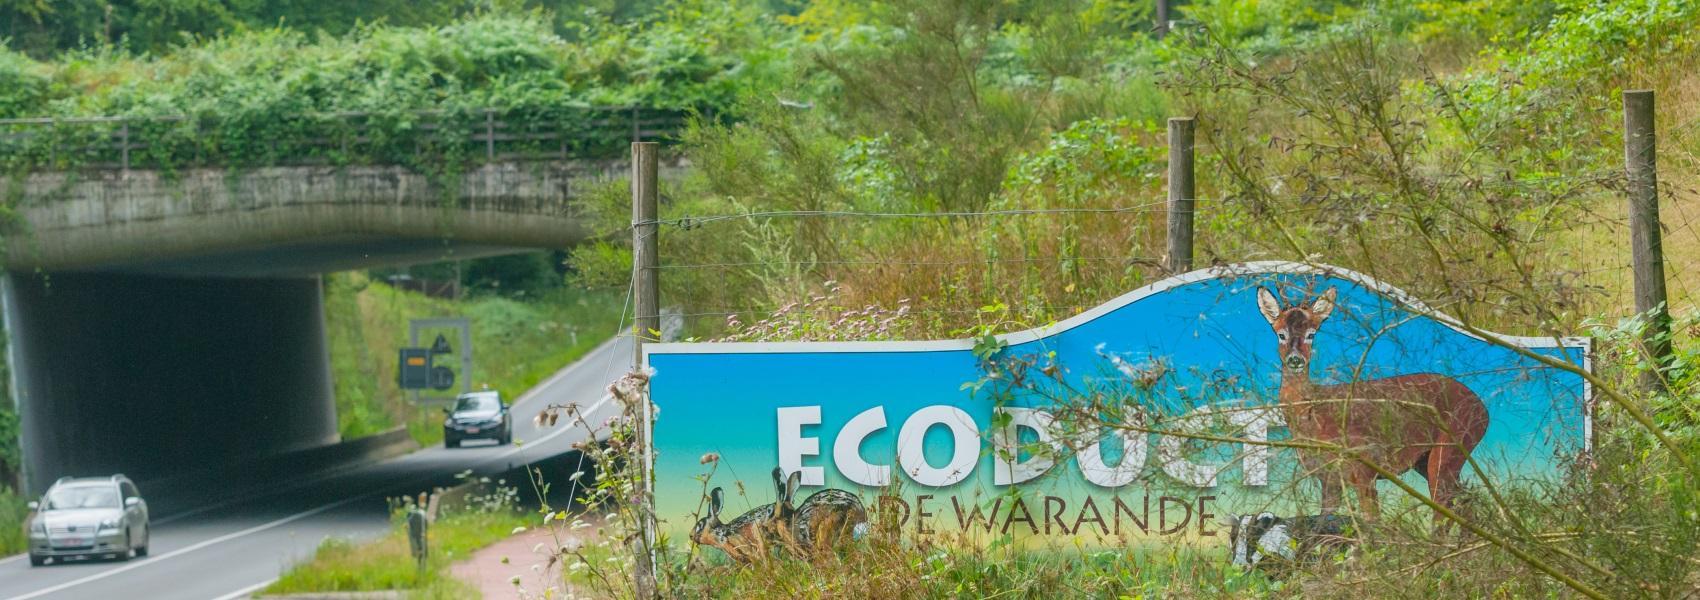 Ecoduct De Warande